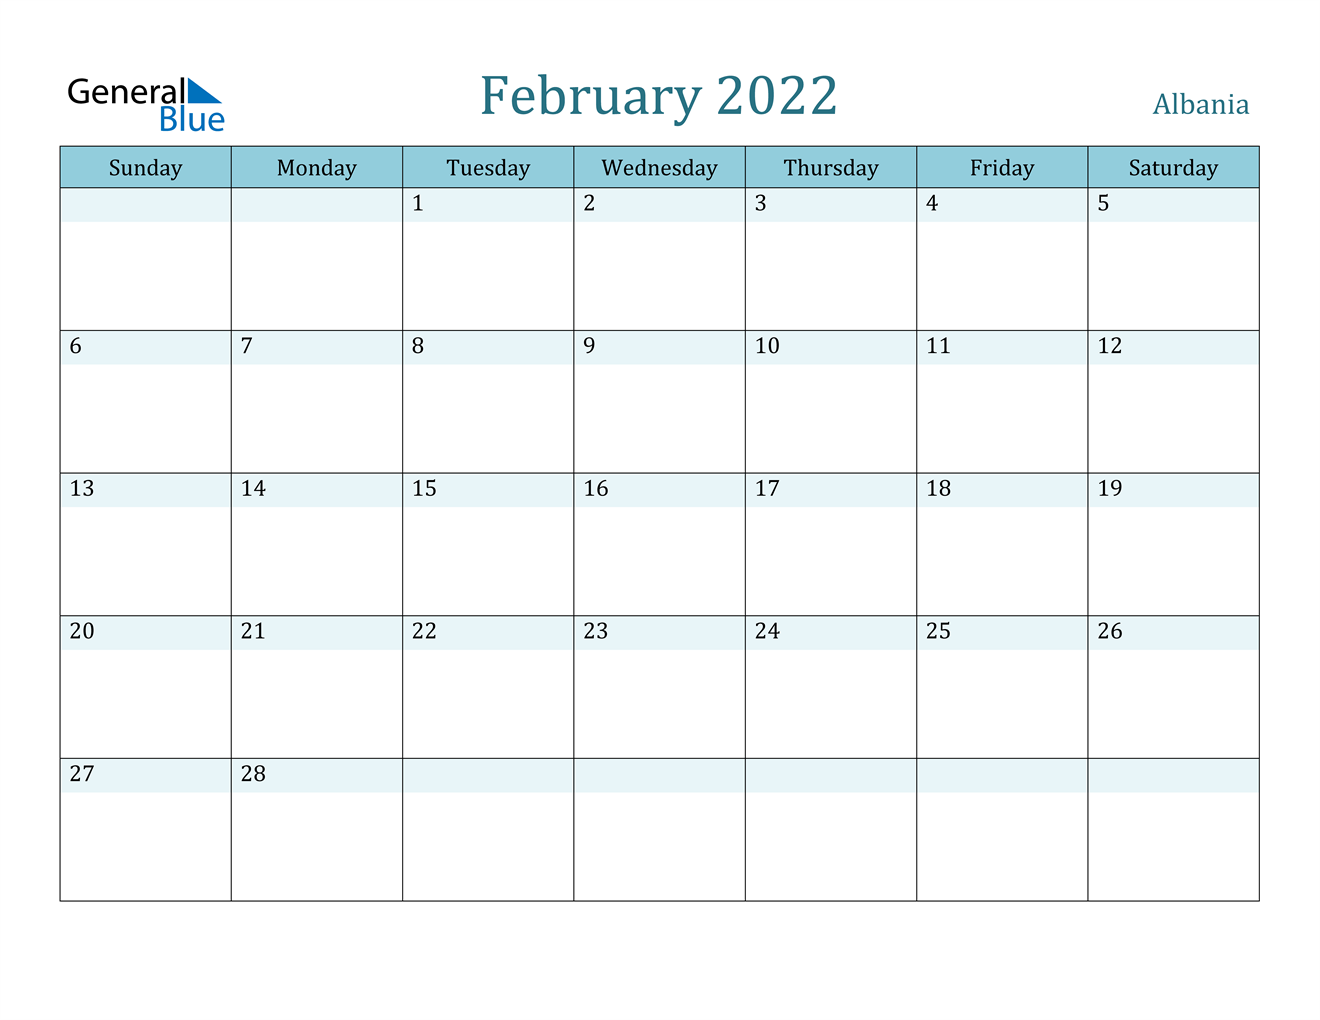 February 2022 Calendar - Albania